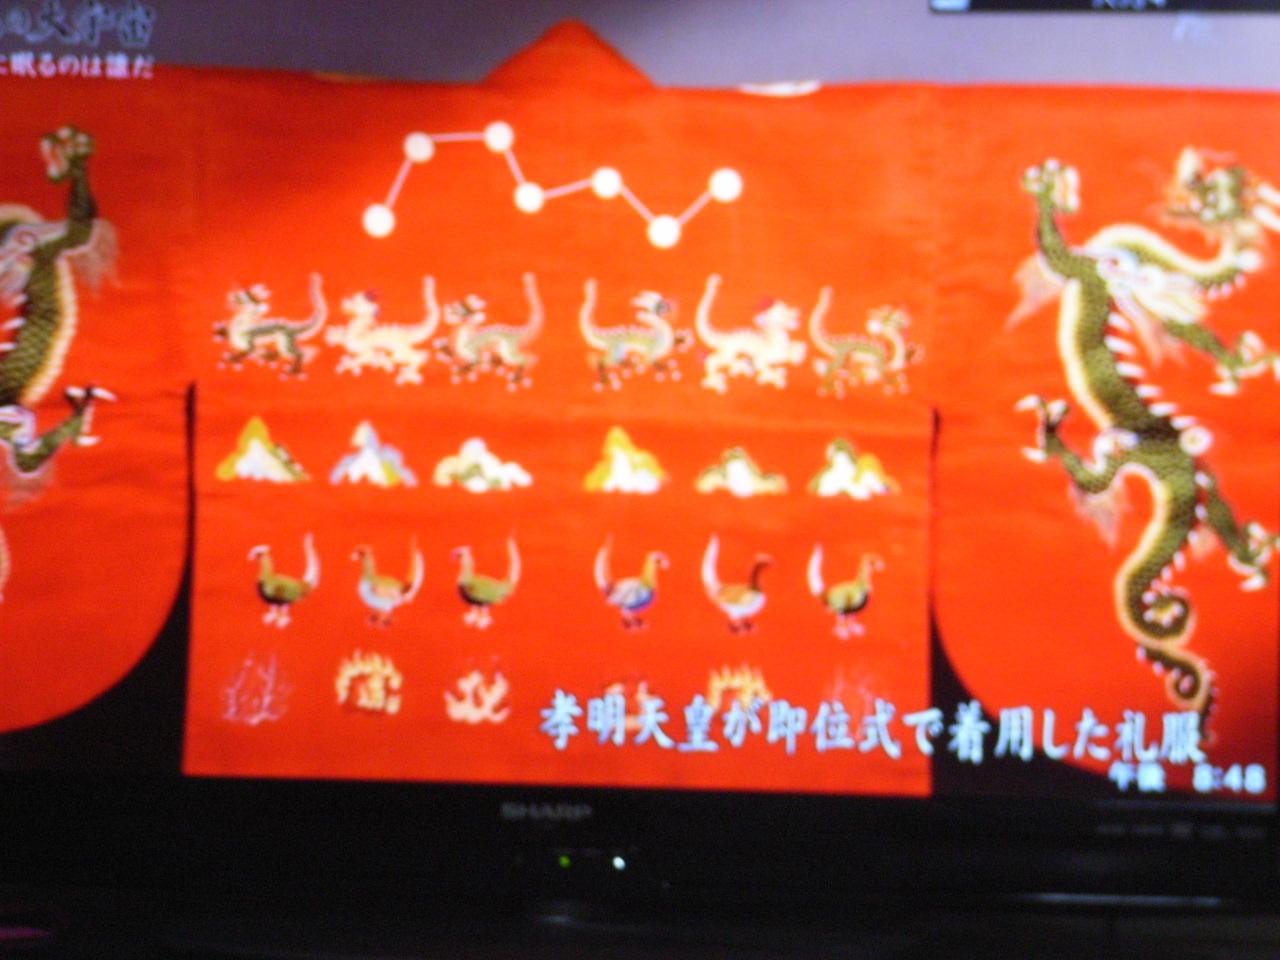 キトラ古墳の主は星空と四神と十二支神に囲まれた_a0237545_14362260.jpg